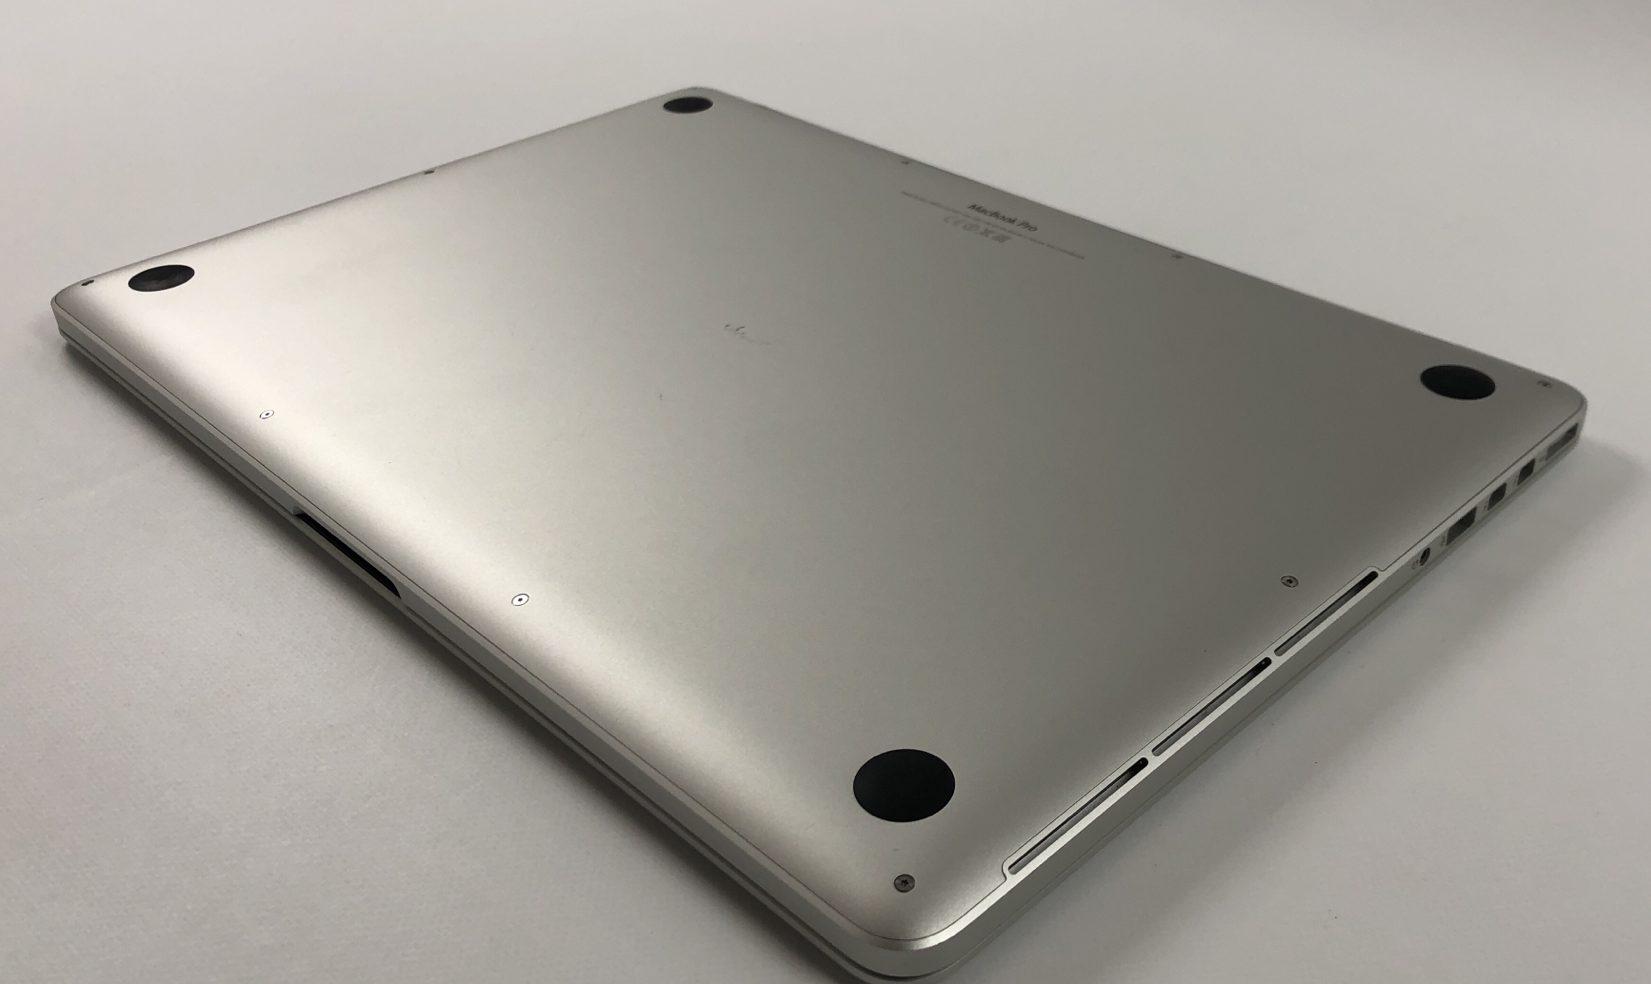 """MacBook Pro Retina 15"""" Mid 2014 (Intel Quad-Core i7 2.5 GHz 16 GB RAM 256 GB SSD), Intel Quad-Core i7 2.5 GHz, 16 GB RAM, 256 GB SSD, Kuva 4"""